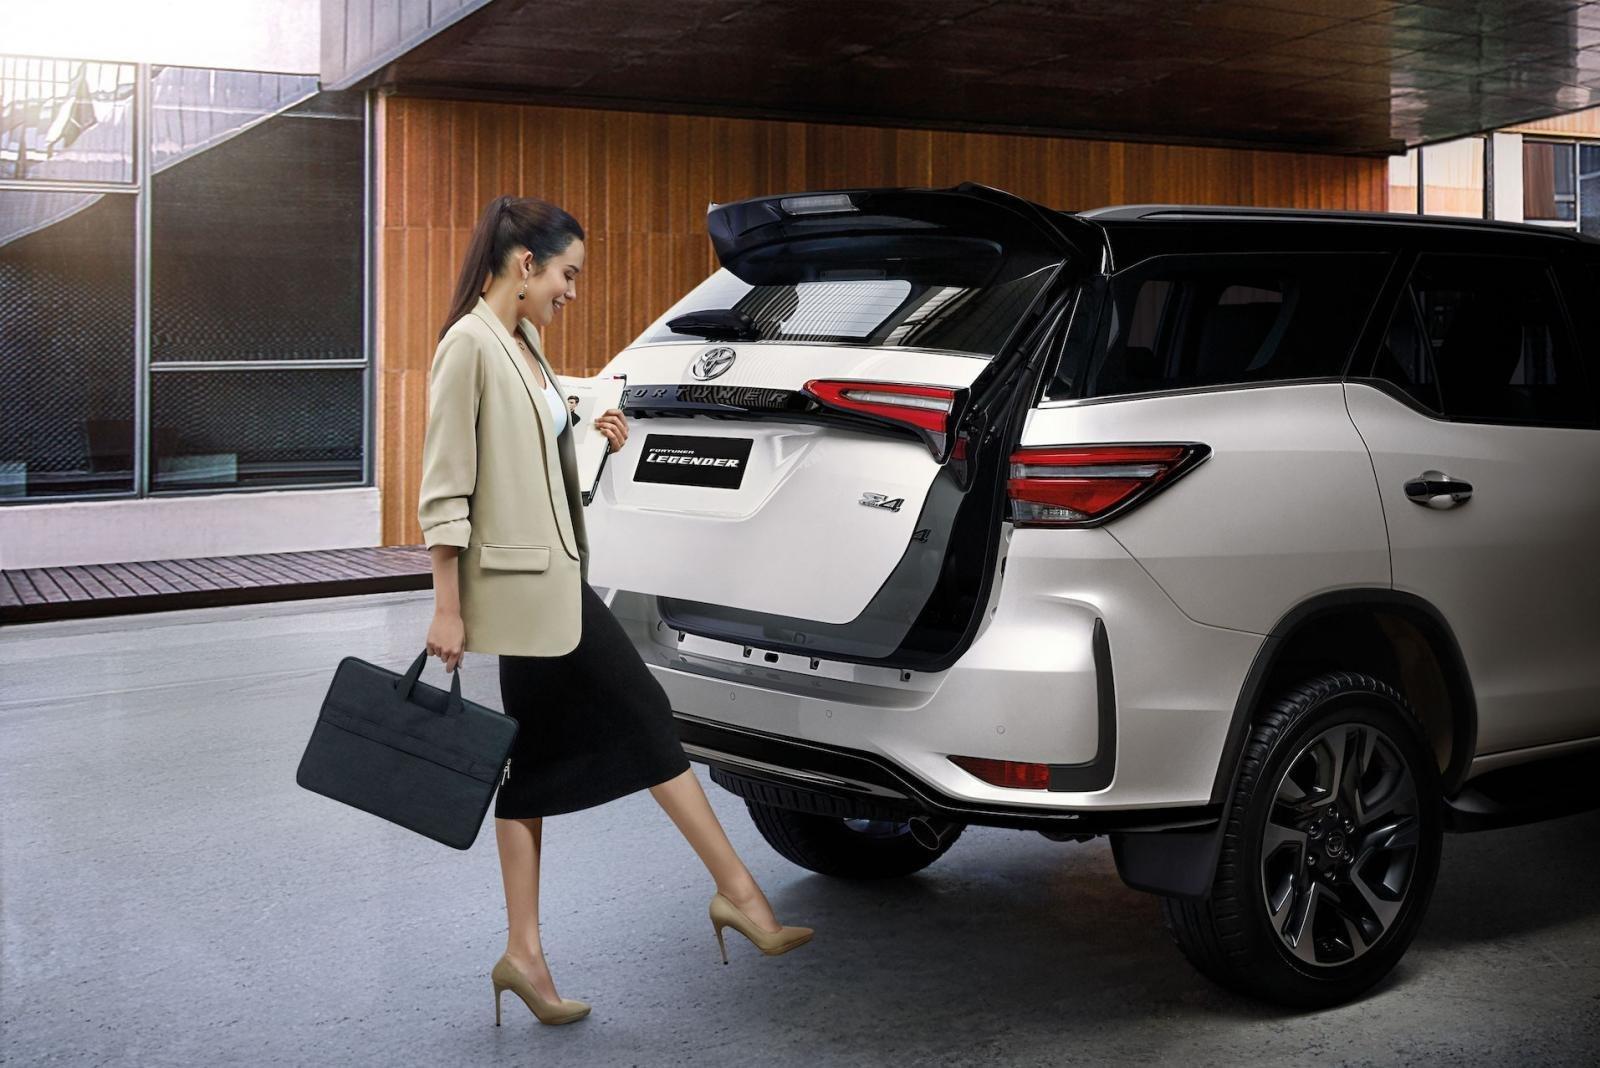 Ảnh chi tiết Toyota Fortuner Legender 2021 hoàn toàn mới vừa mở bán tại Thái Lan a12